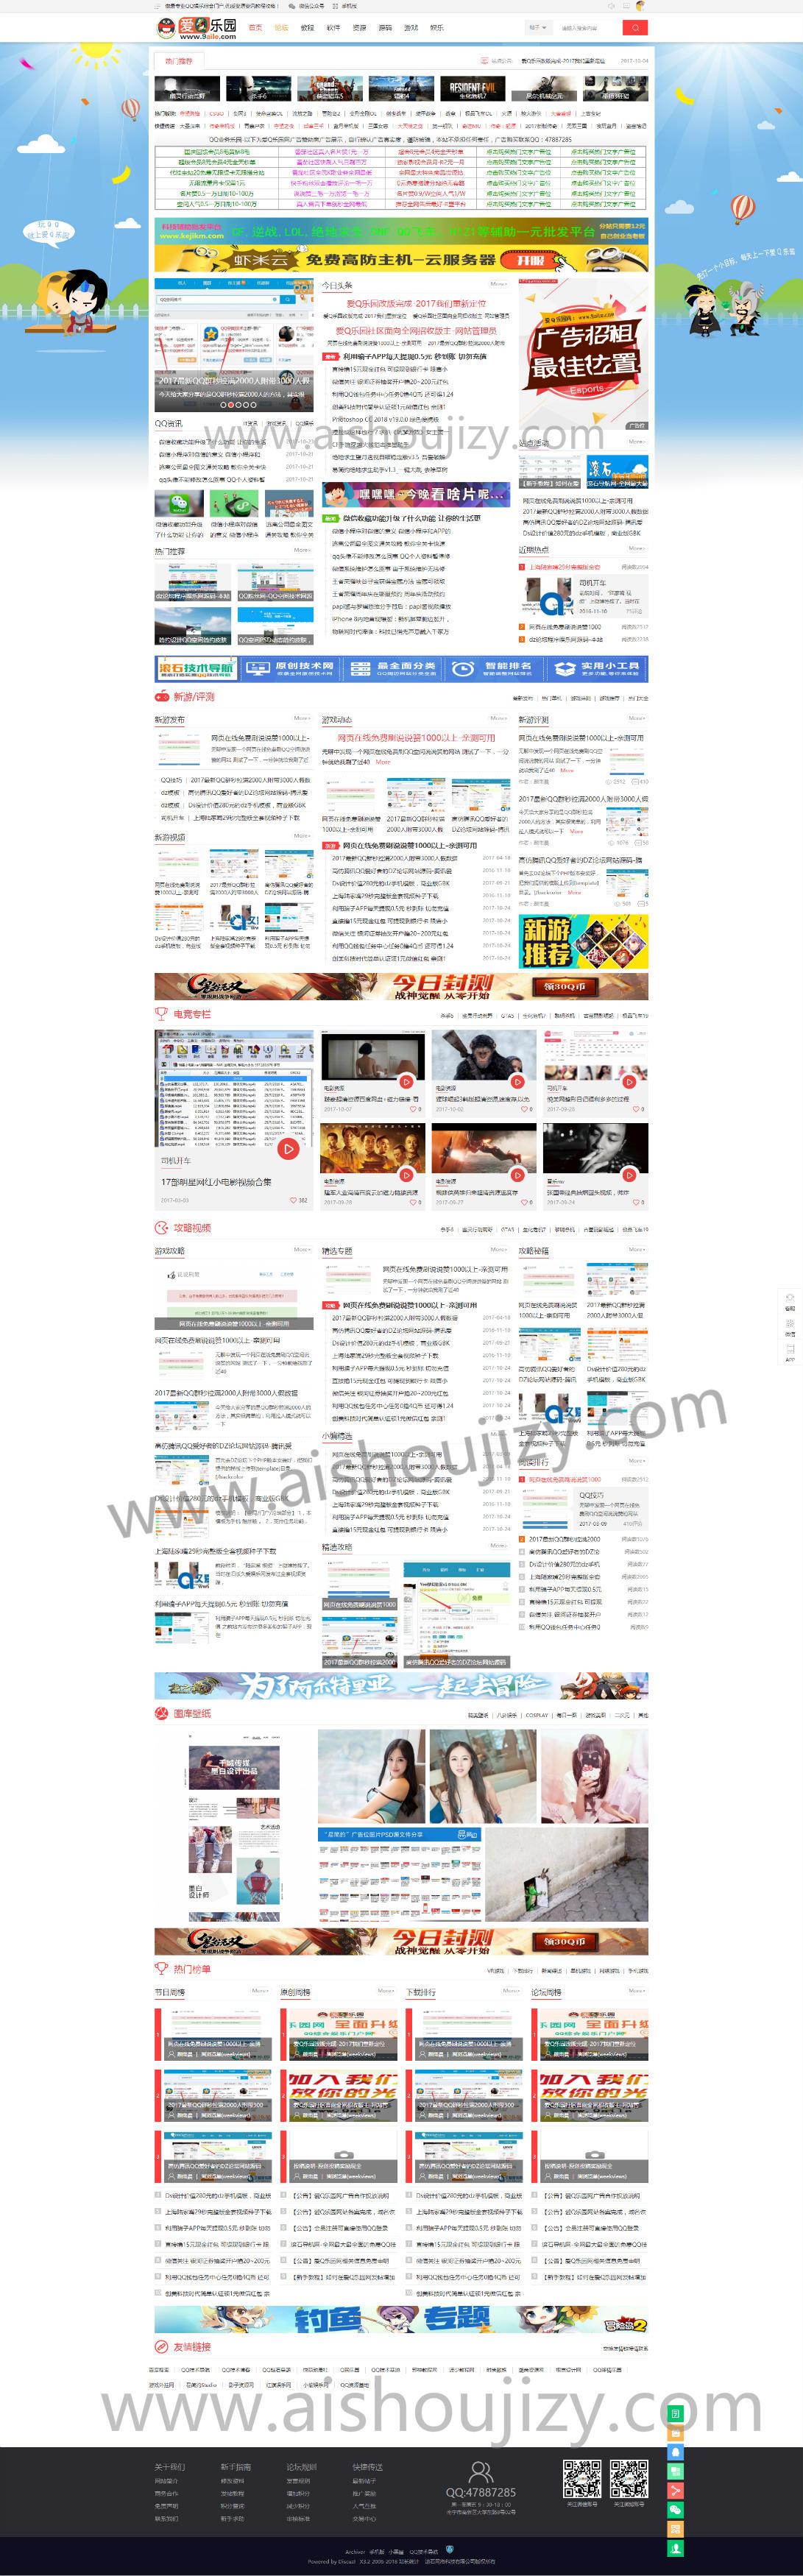 超好看的QQ资讯网Dz模板,qq资源网DZ模板源码